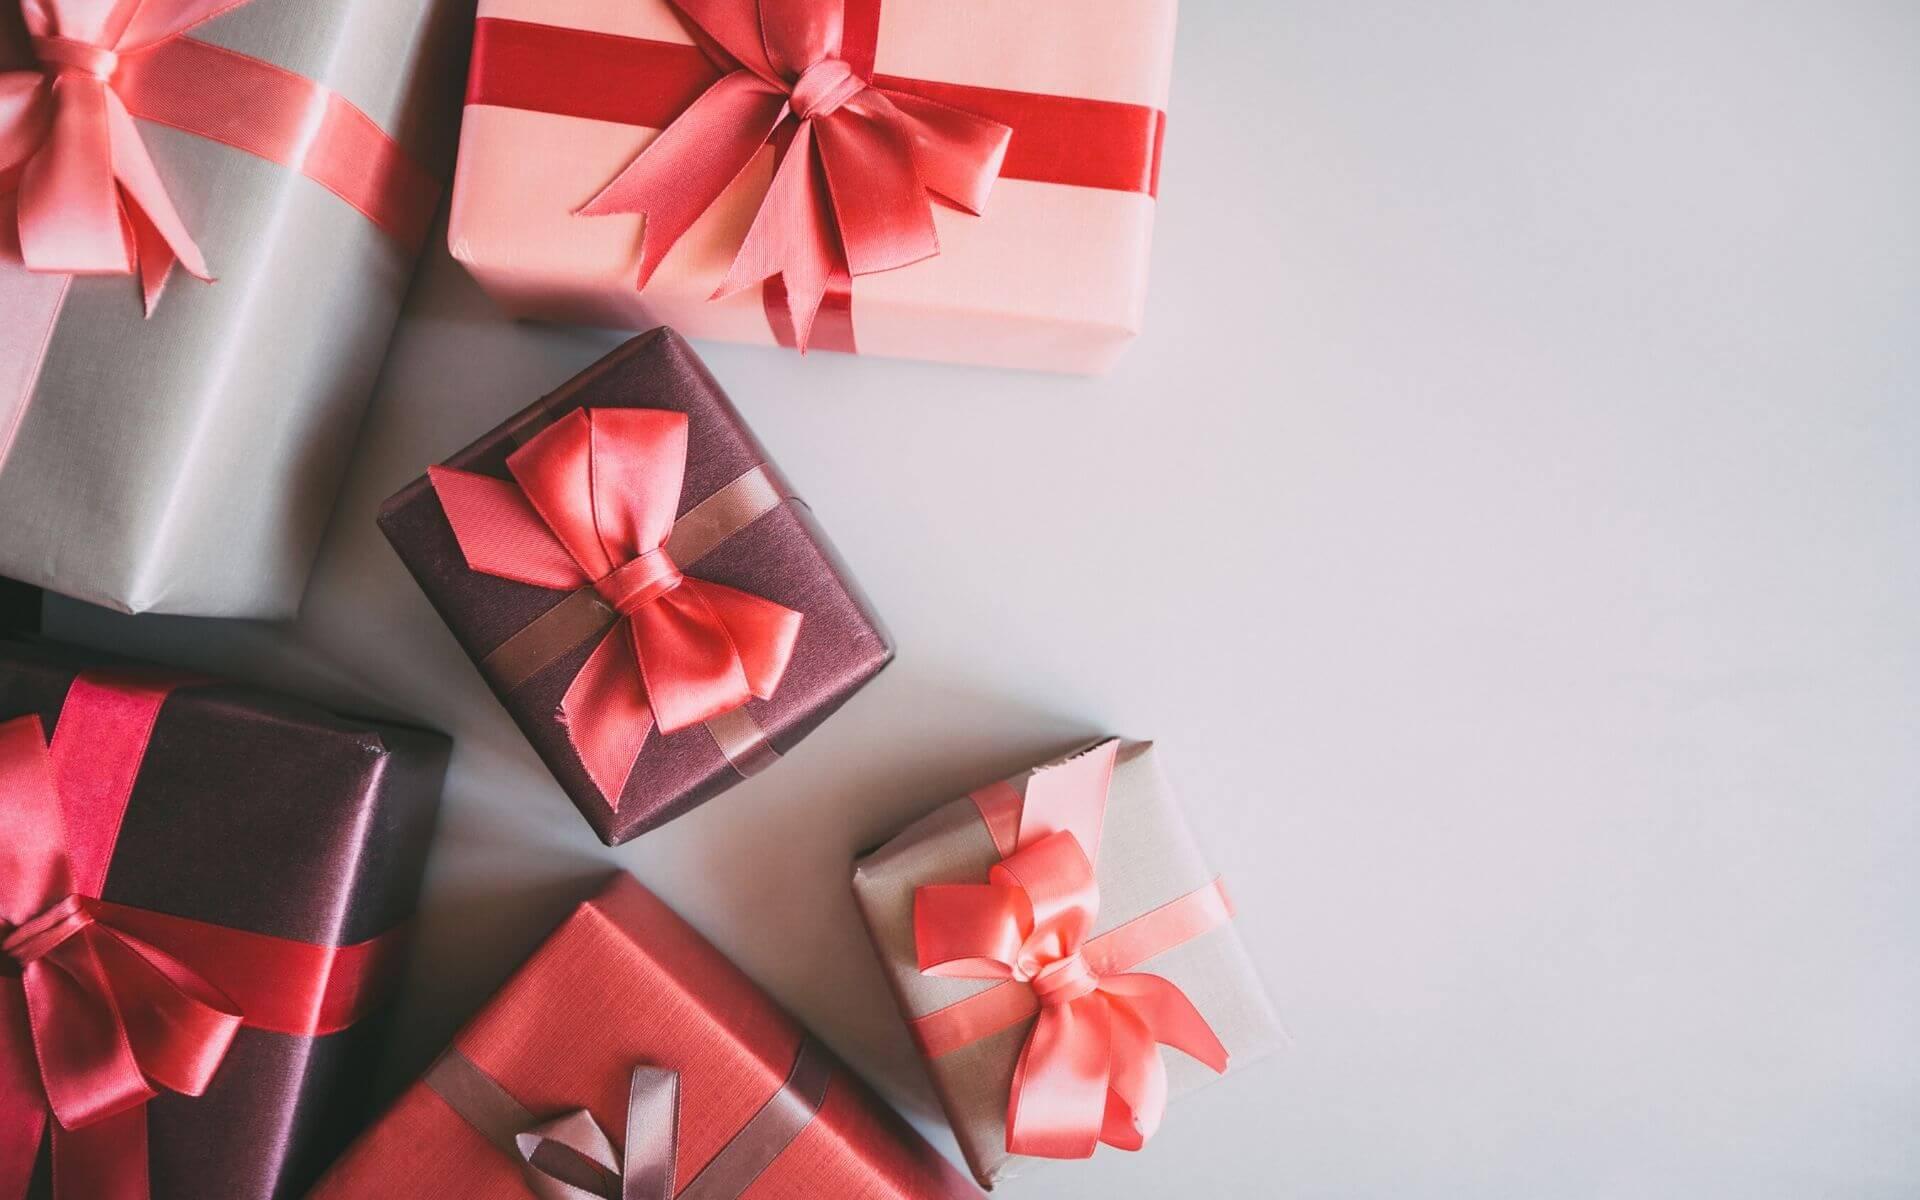 Die besten Geschenke für Freundinnen zu jedem Anlass